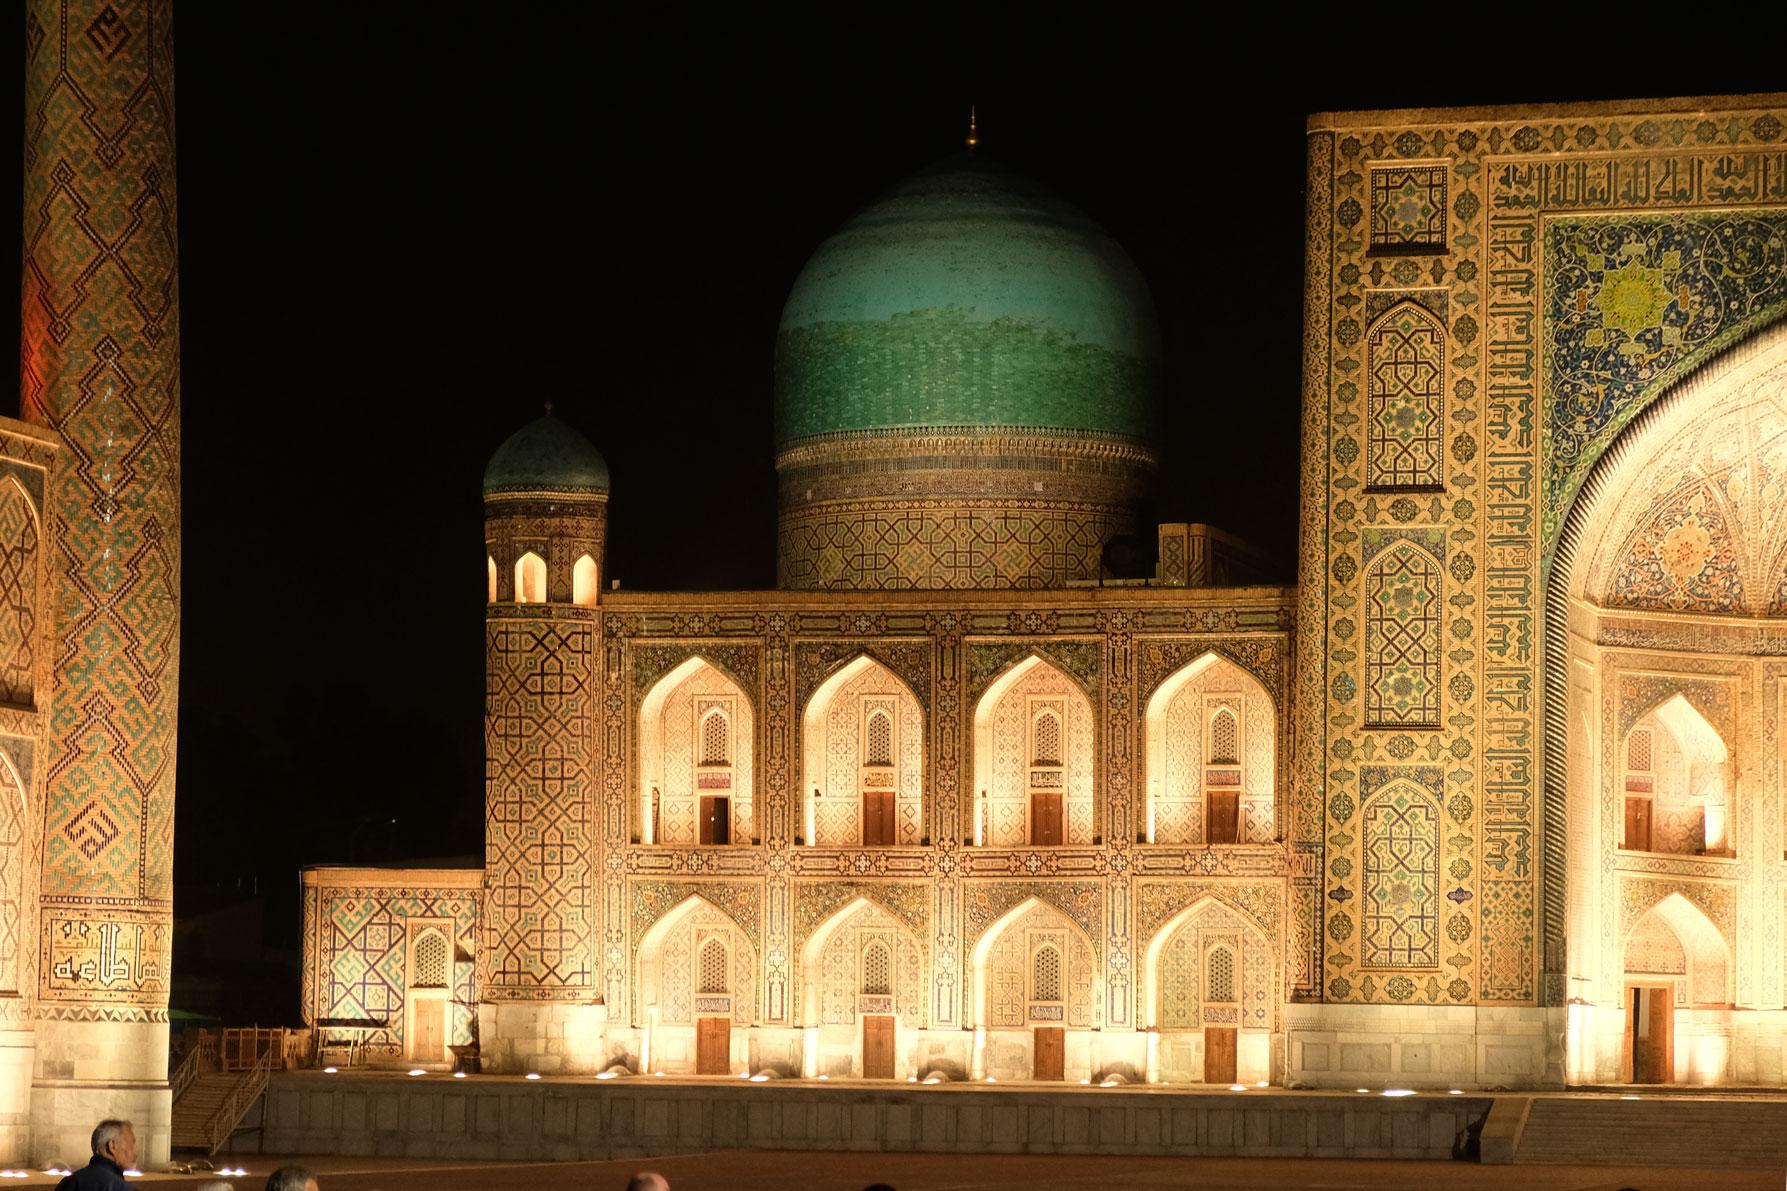 Der beleuchtete Registan in Samarkand